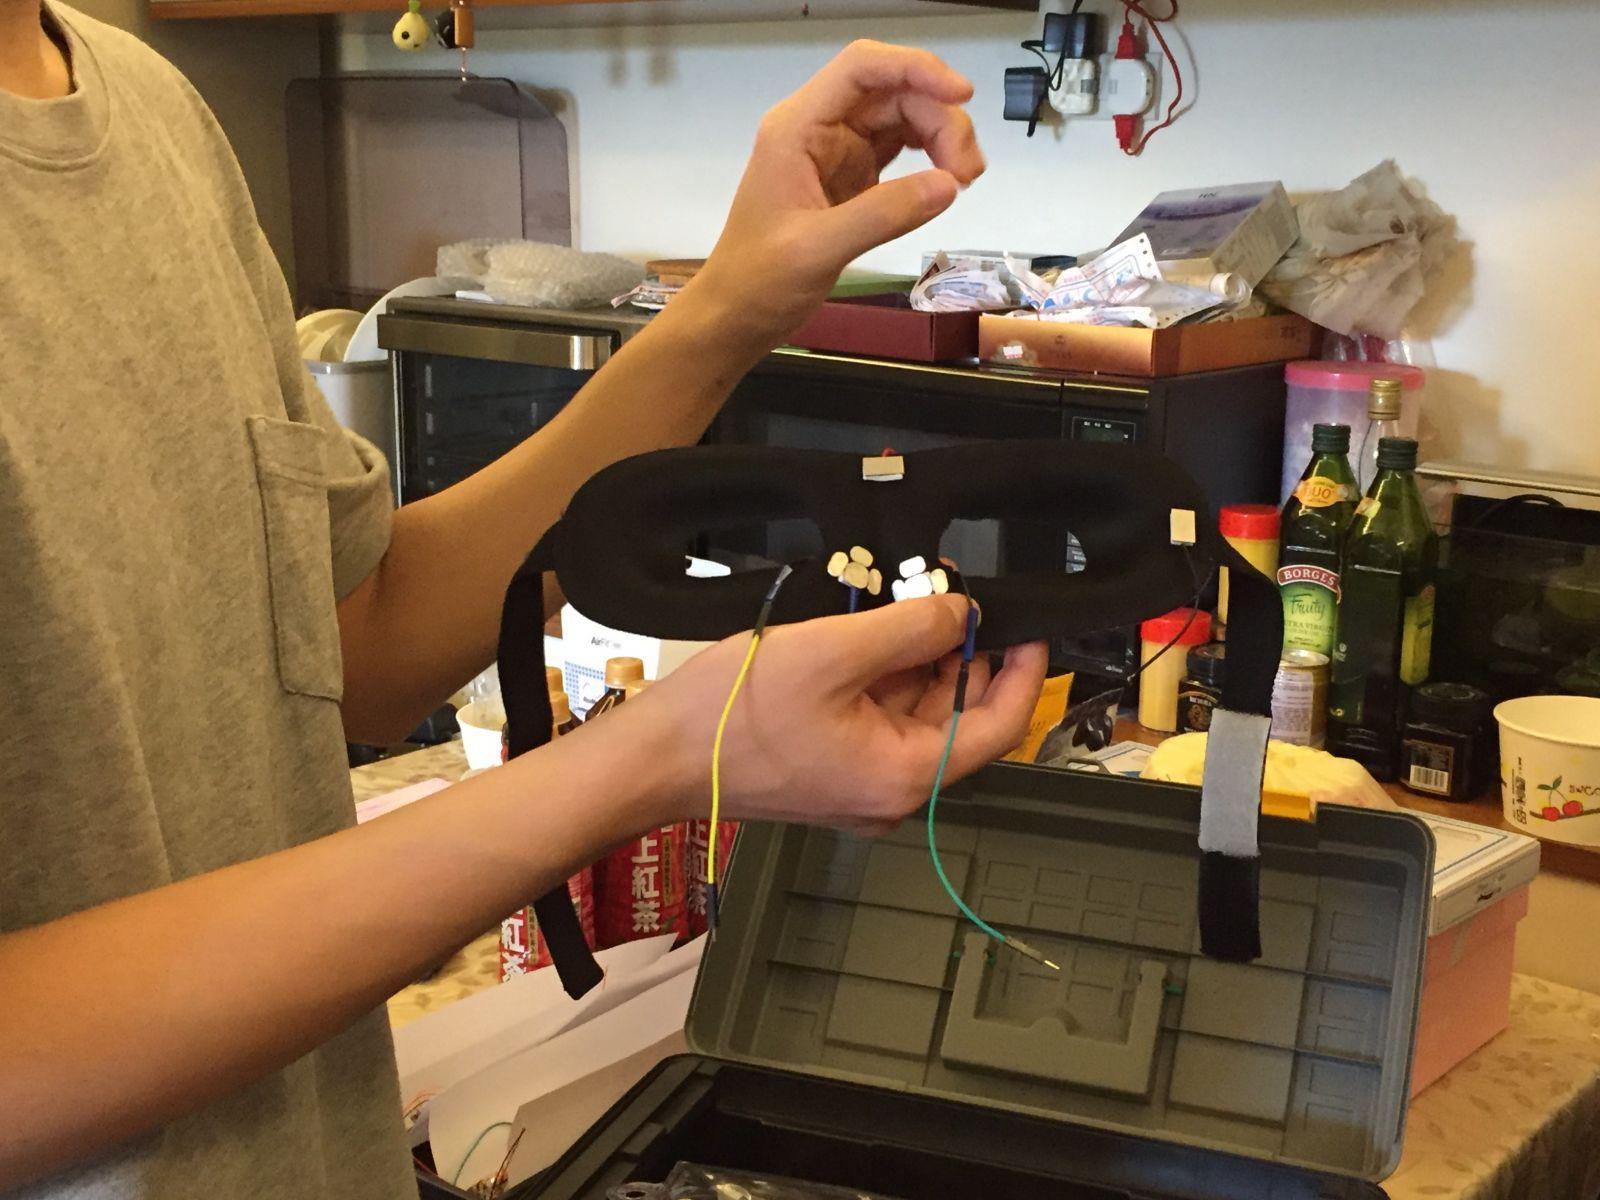 測試智慧眼鏡的感測晶片是否可運作,研發團隊先以眼罩的模式進行測試。